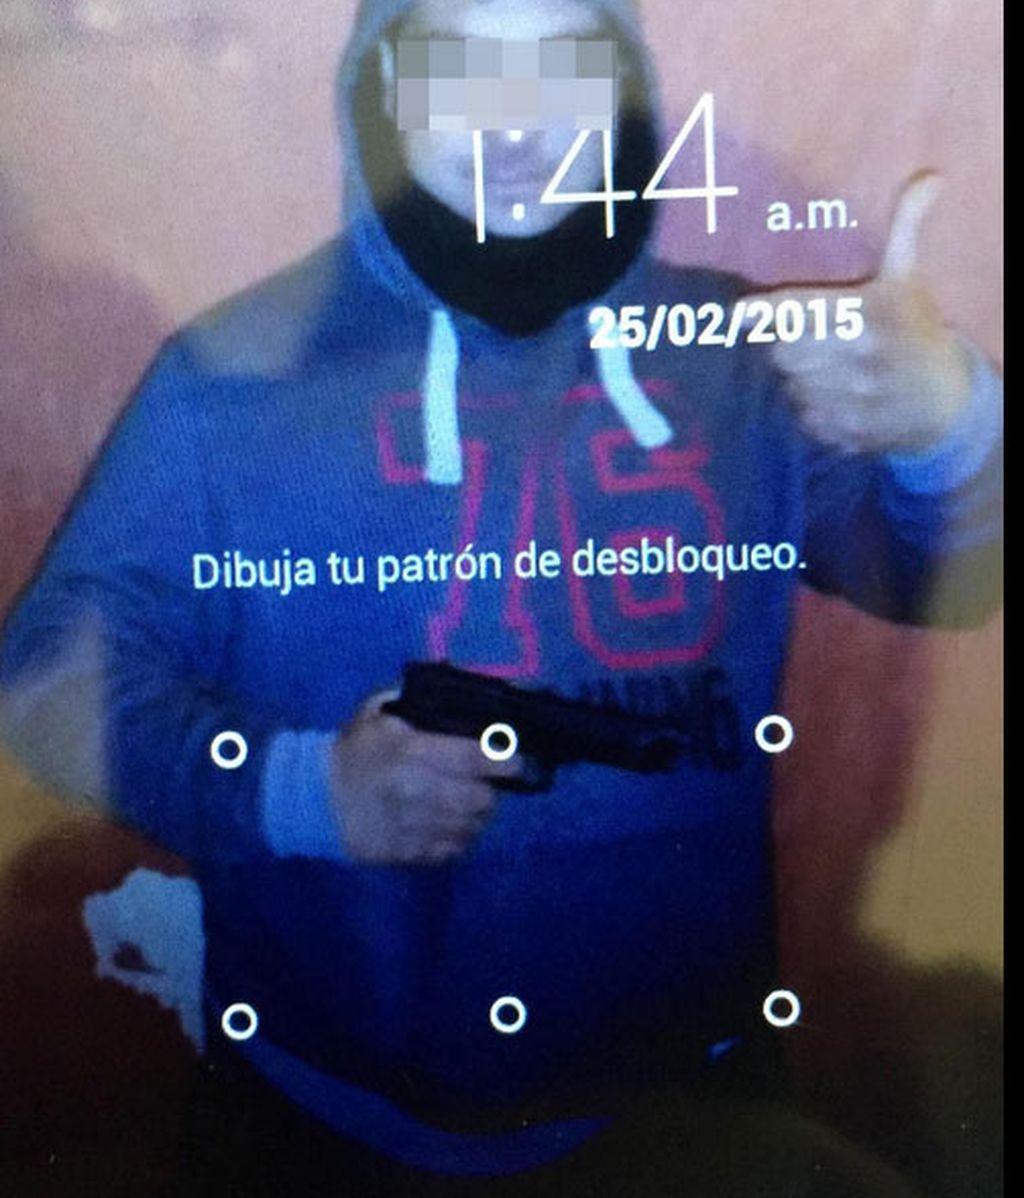 Detenido el asaltante de una vivienda que se hizo un 'selfie' con el móvil que robó